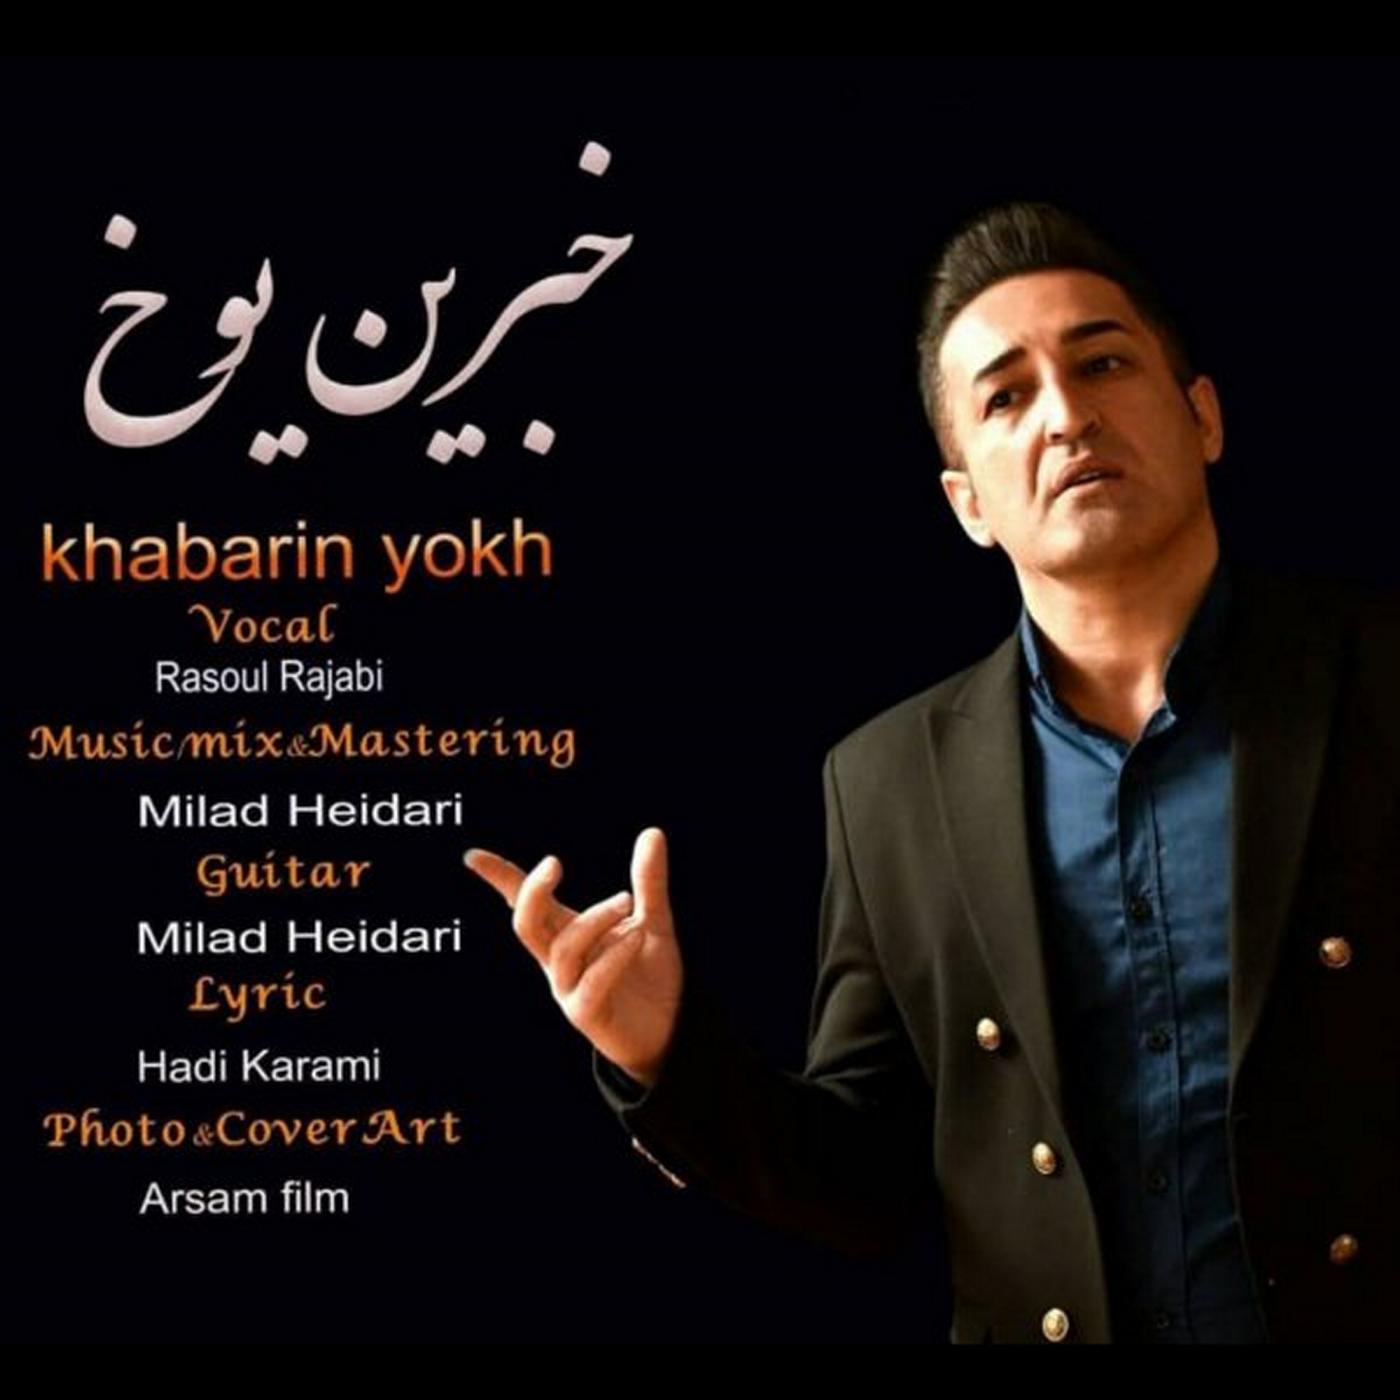 https://s17.picofile.com/file/8428735542/16Rasoul_Rajabi_Khabarin_Yokh.jpg